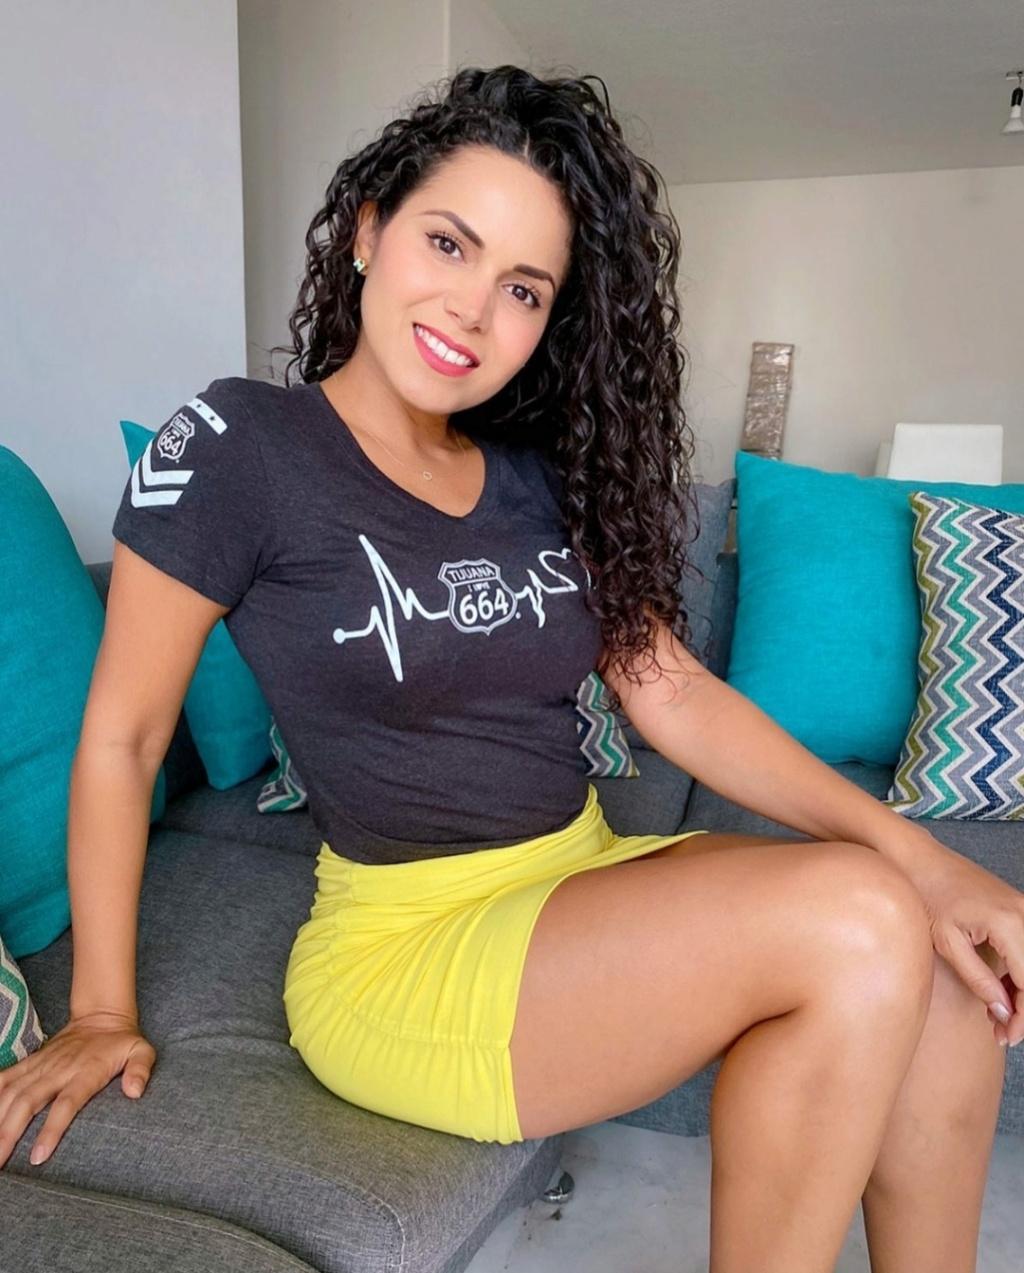 DEBATE sobre belleza, guapura y hermosura (fotos de chicas latinas, mestizas, y de todo) - VOL II - Página 6 Img_2211